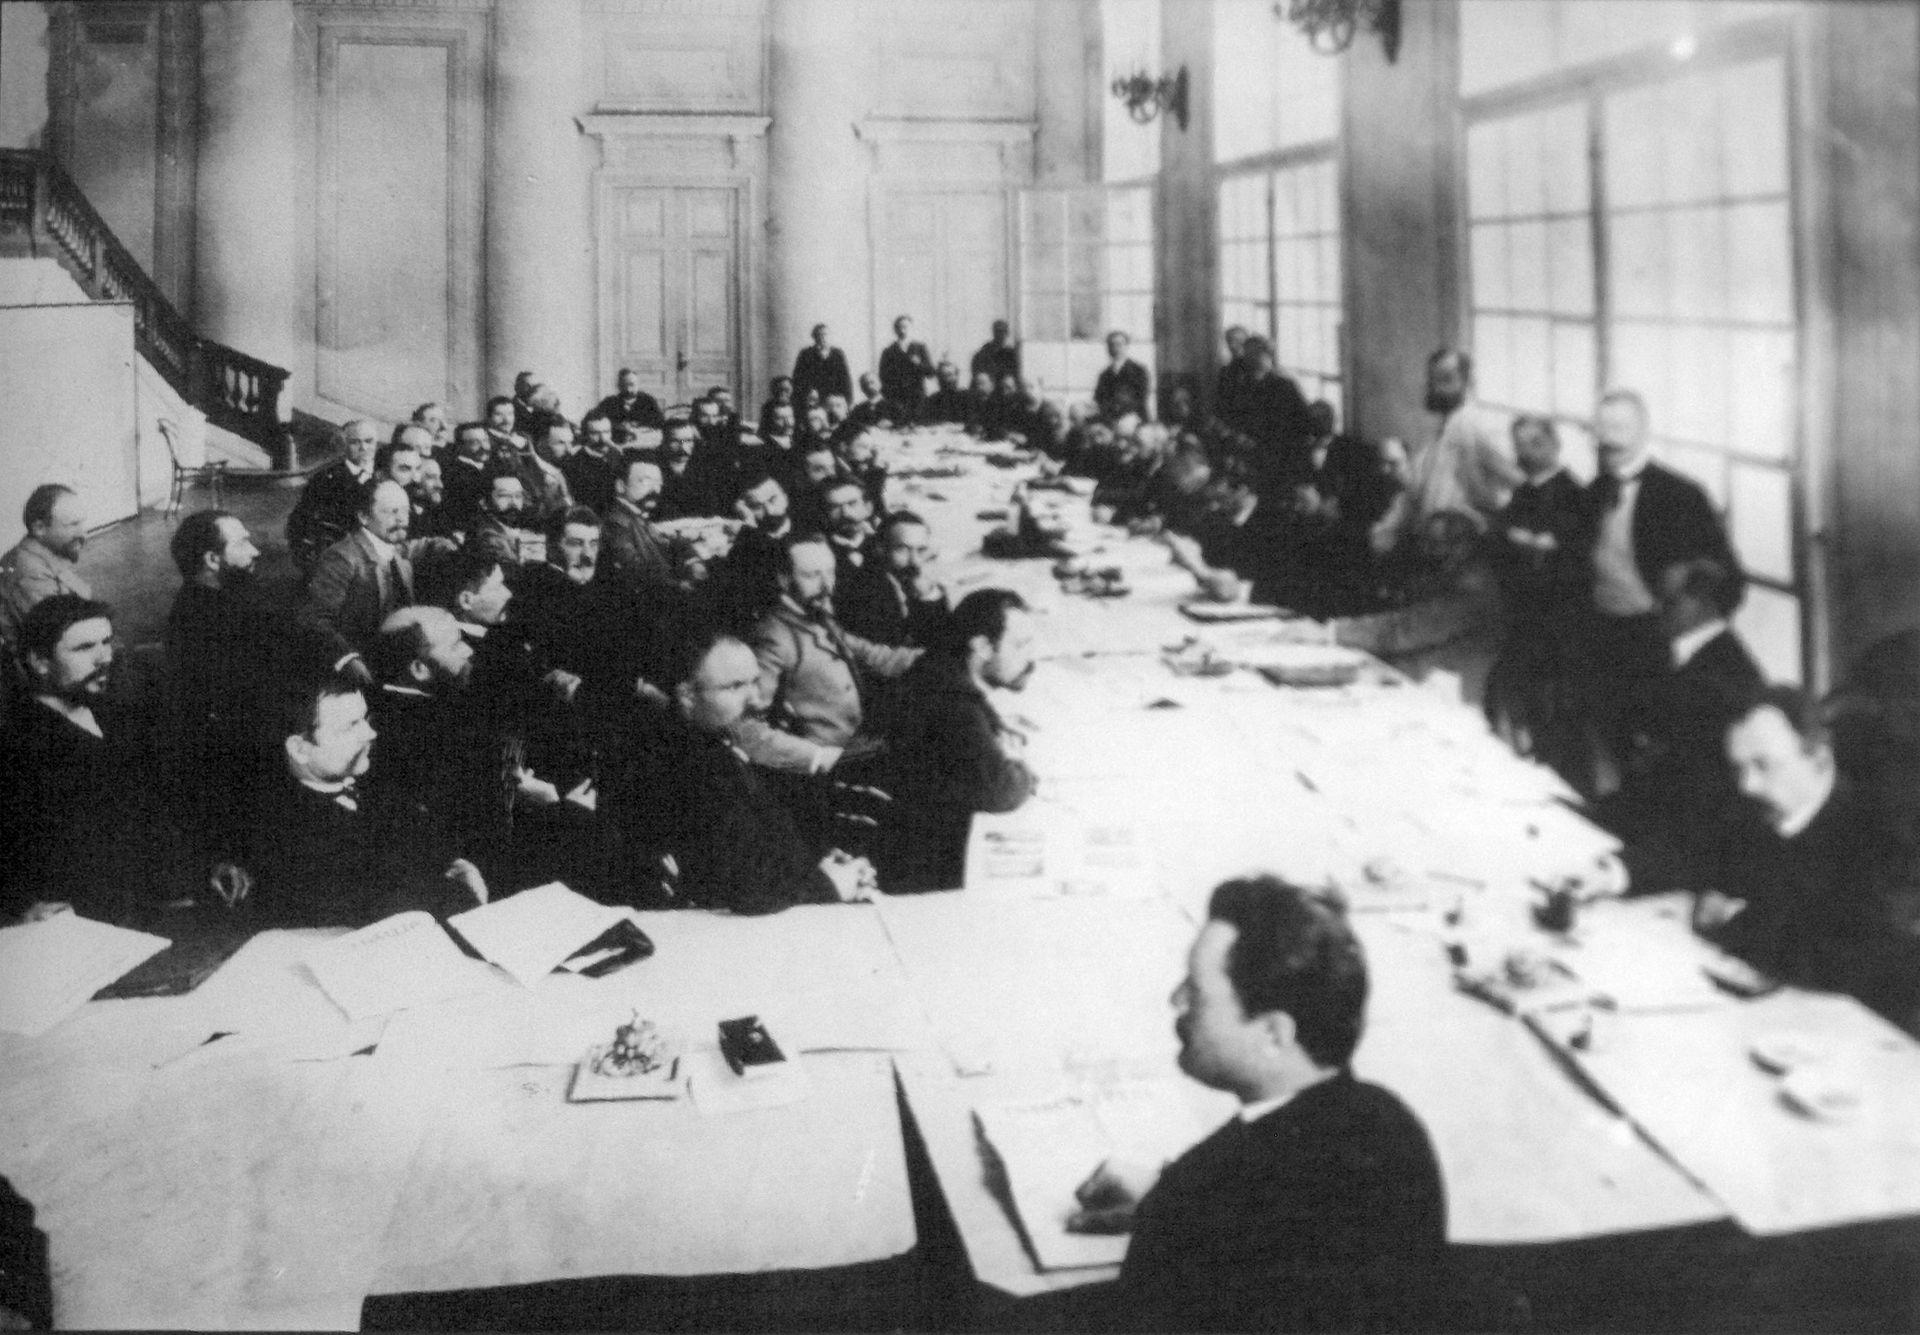 1920px-Заседание_аграрной_комисси_I_Государственной_Думы_(1906).jpg